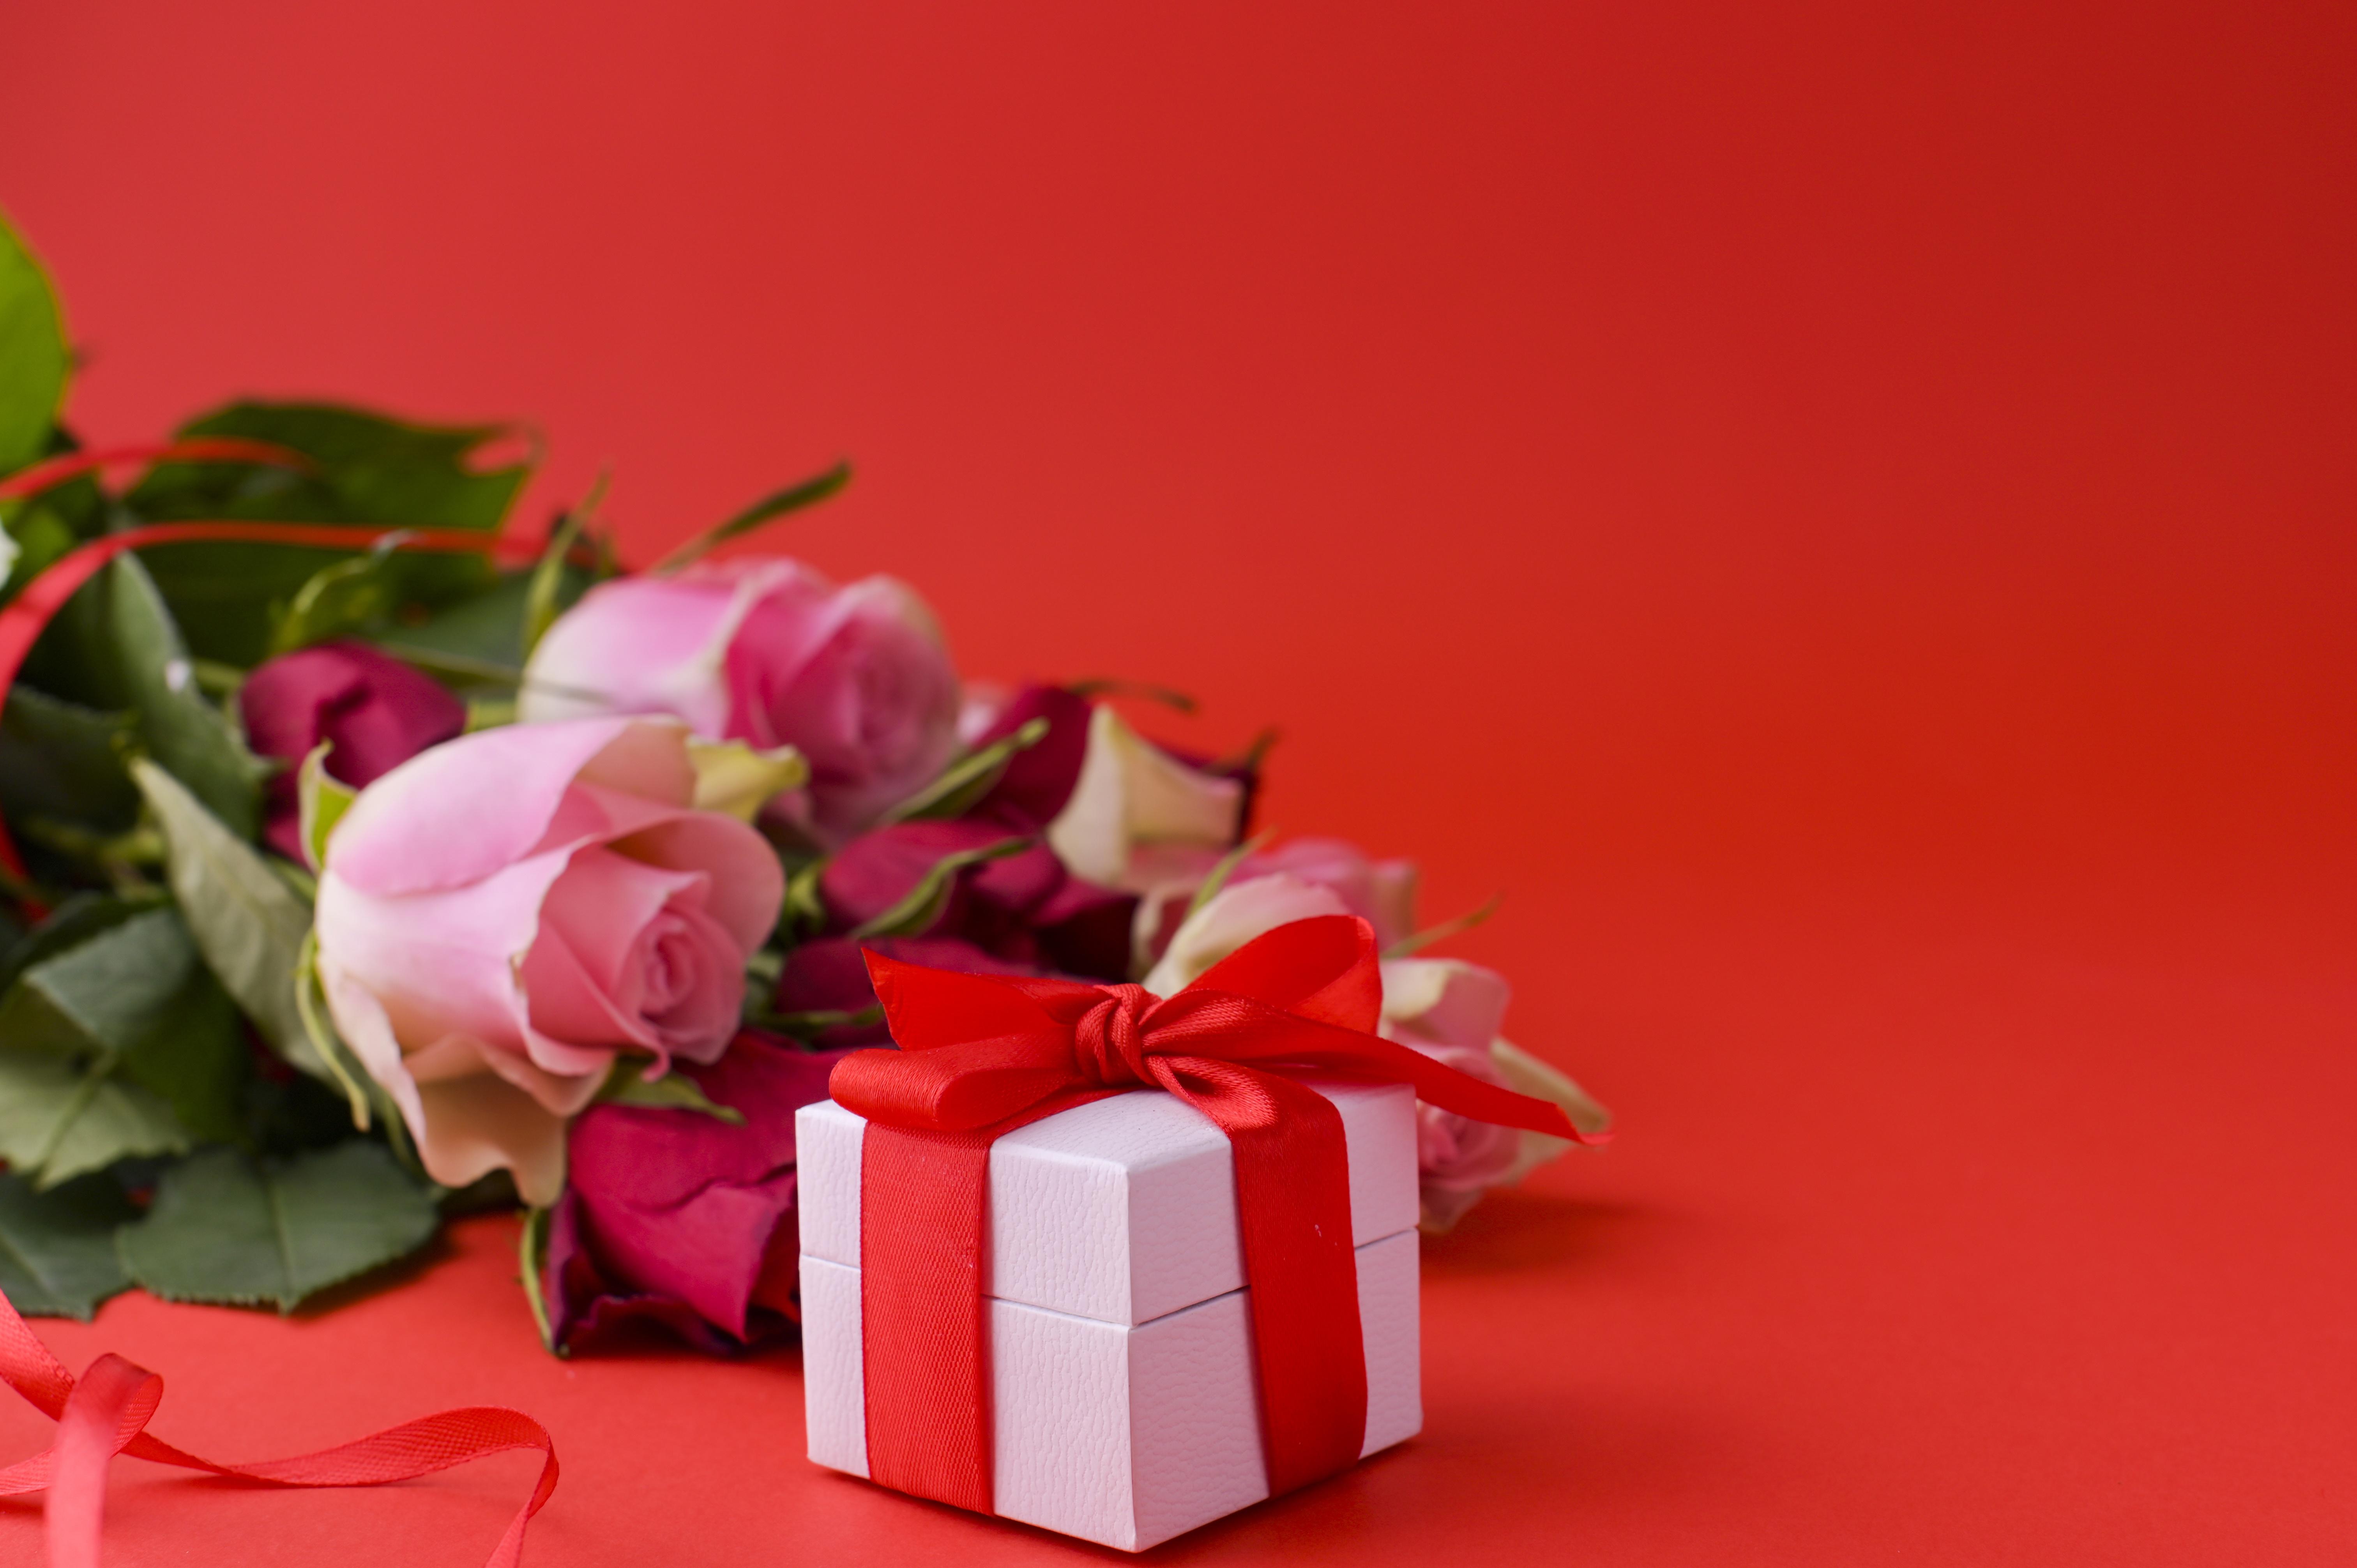 дорогие бугатти картинки на рабочий стол день рождения розы и подарки заболевание